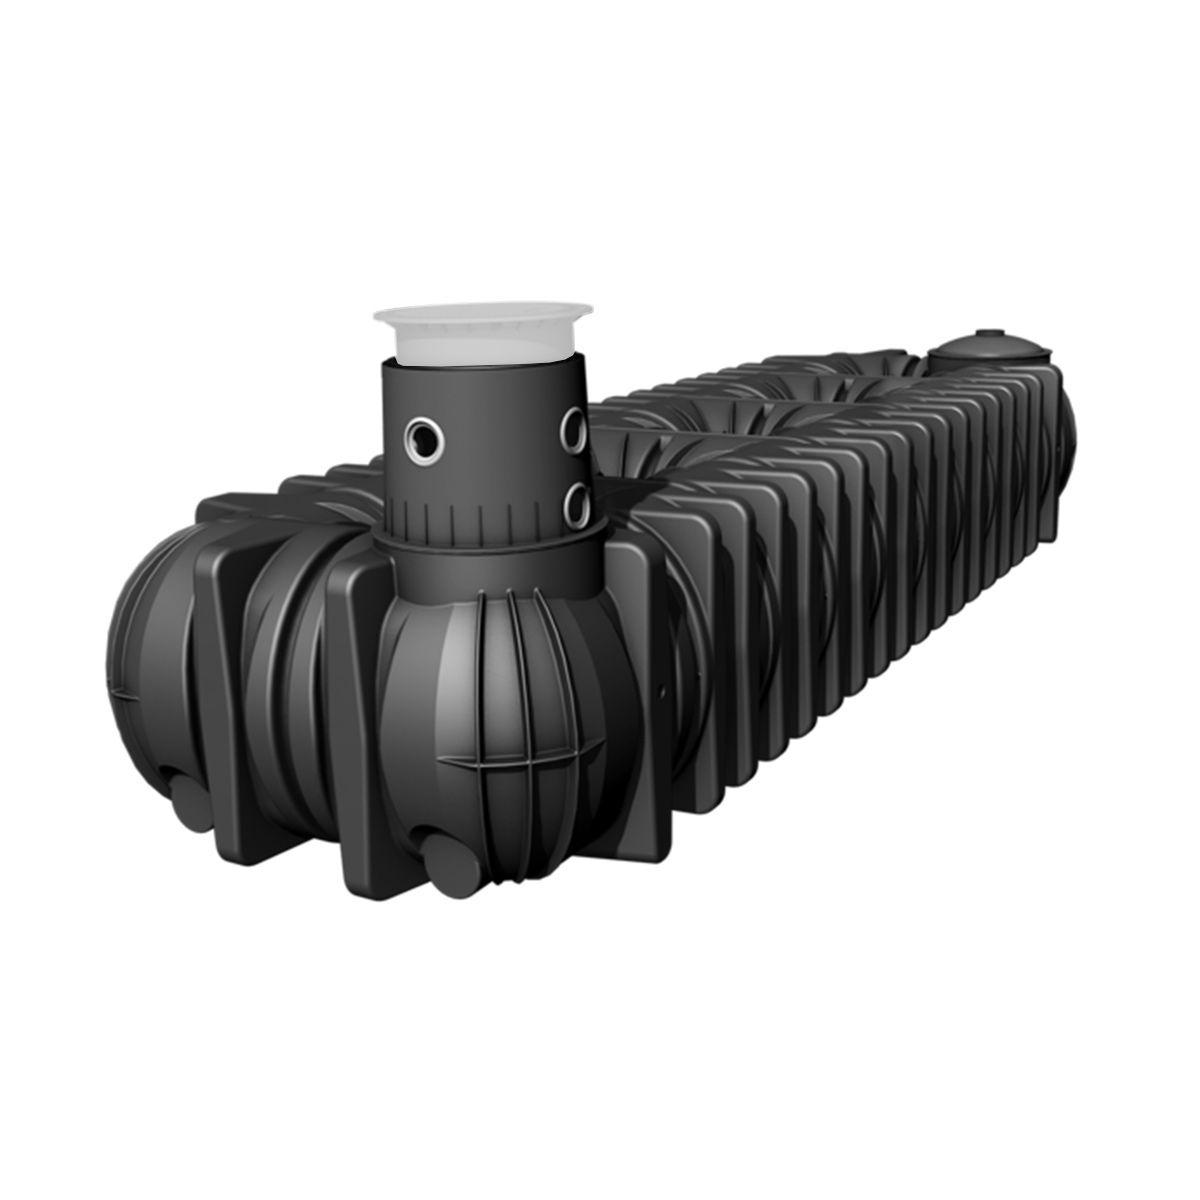 Cuve plate XXL, en PPE-LLD, noire, 20000 l, 9405 x 2250 x 1950 mm, 915 kg